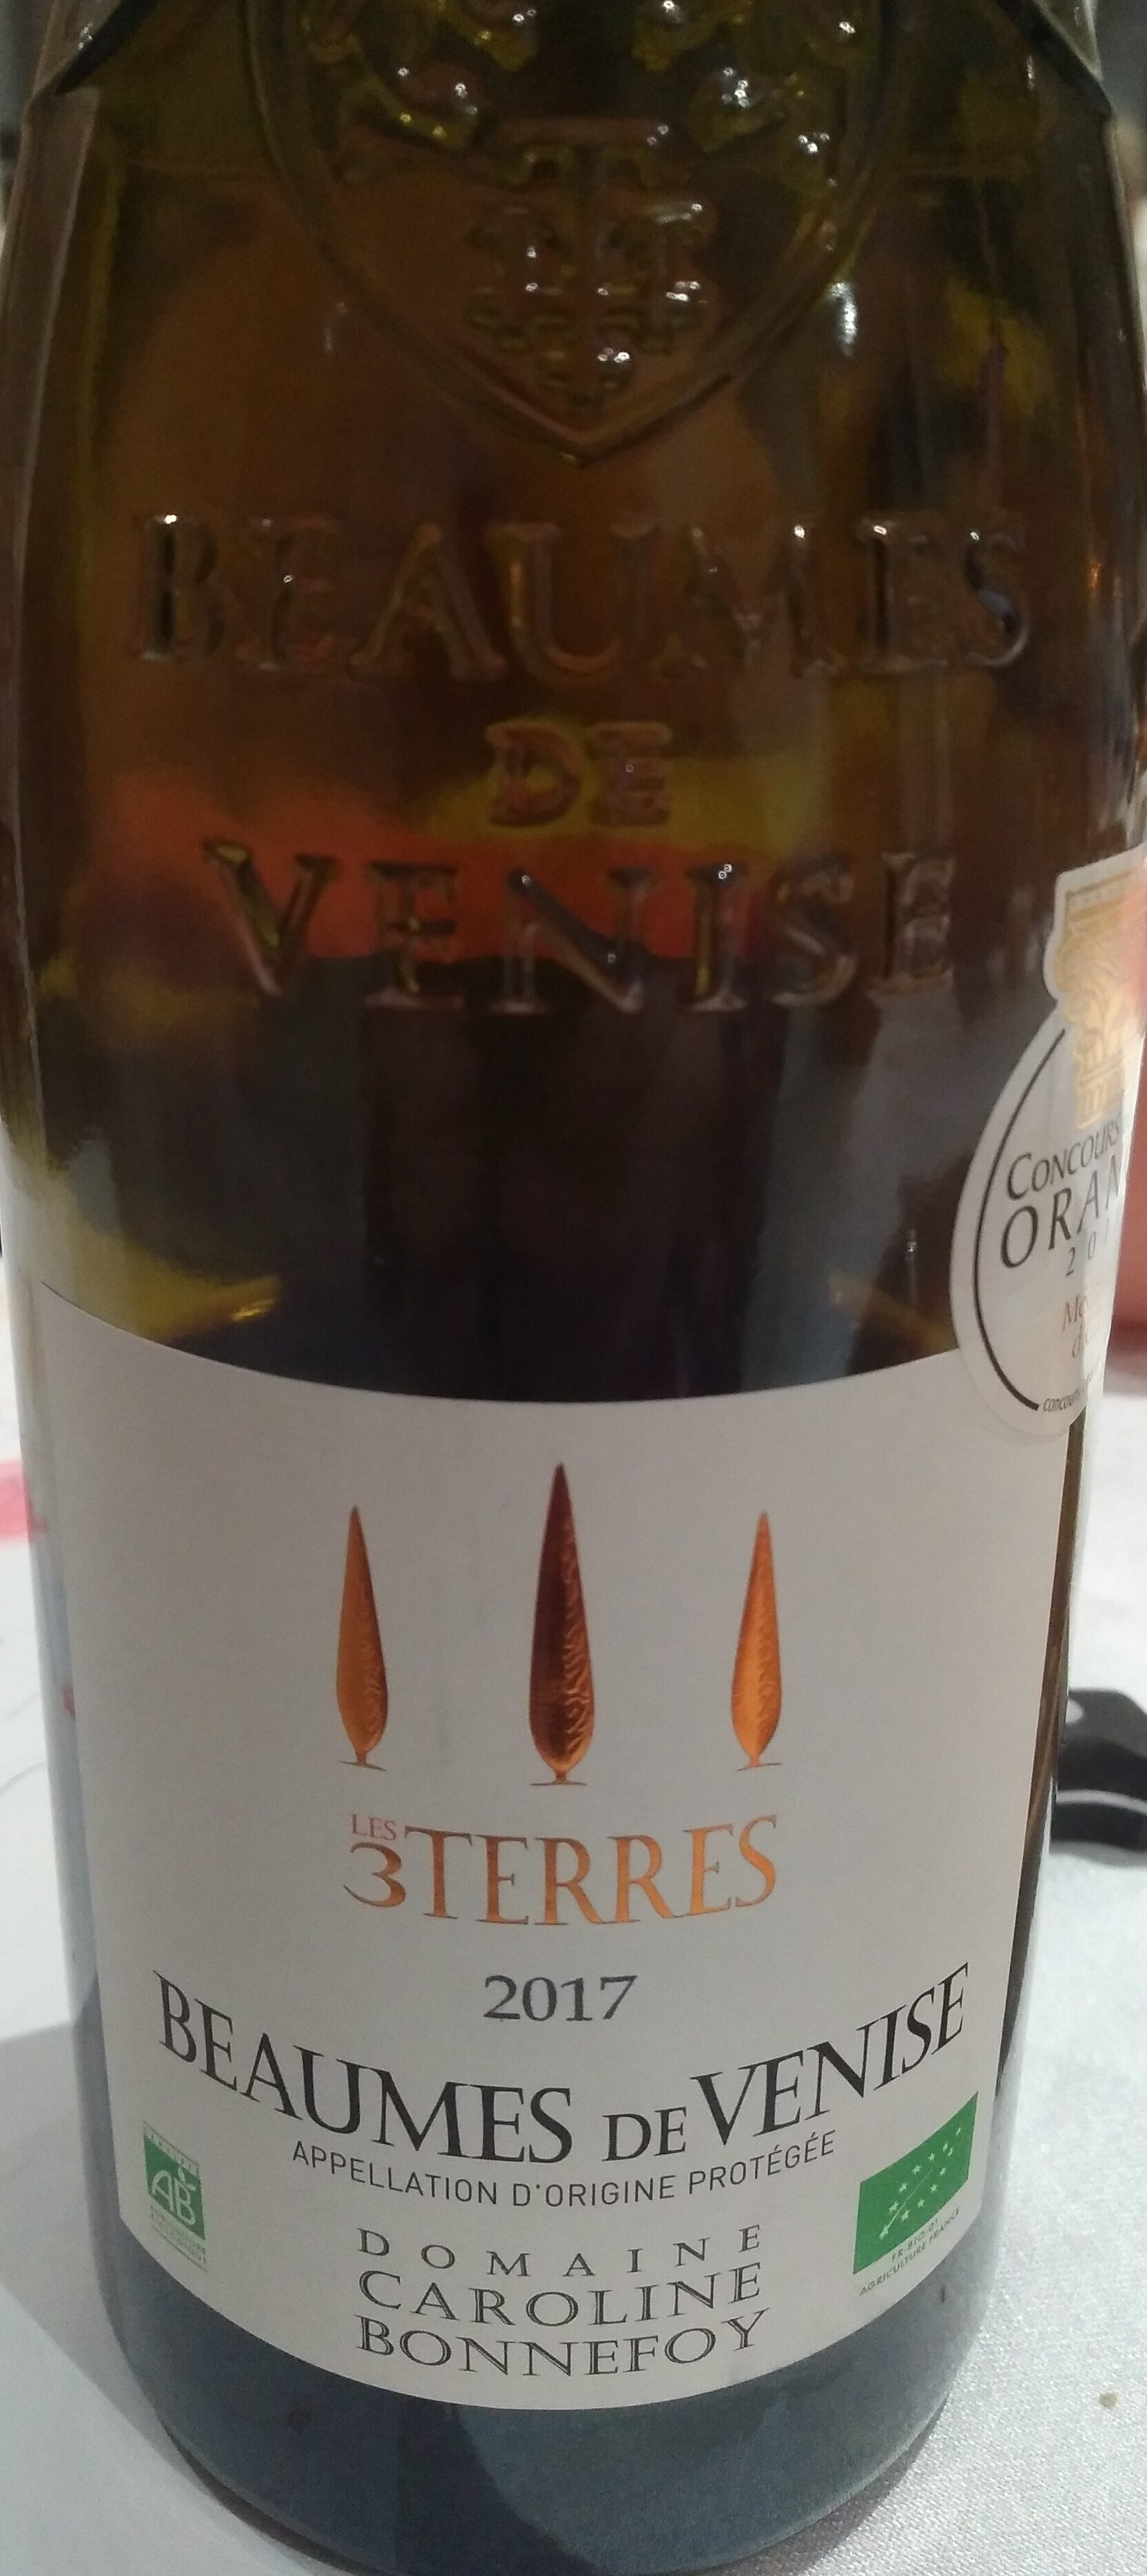 Beaumes de Venise - Product